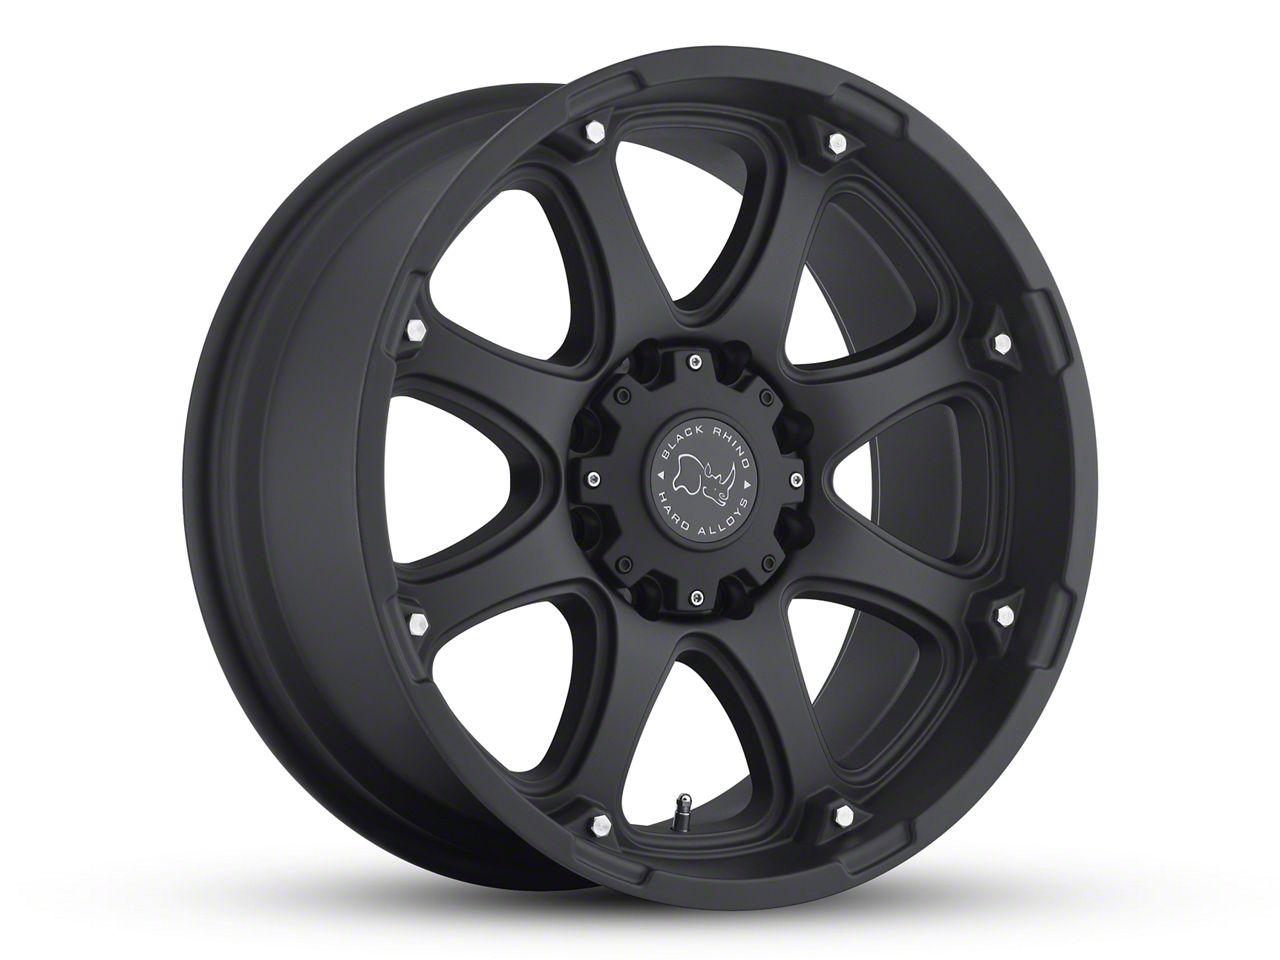 Black Rhino Glamis Matte Black 6-Lug Wheel - 18x9 (99-18 Silverado 1500)